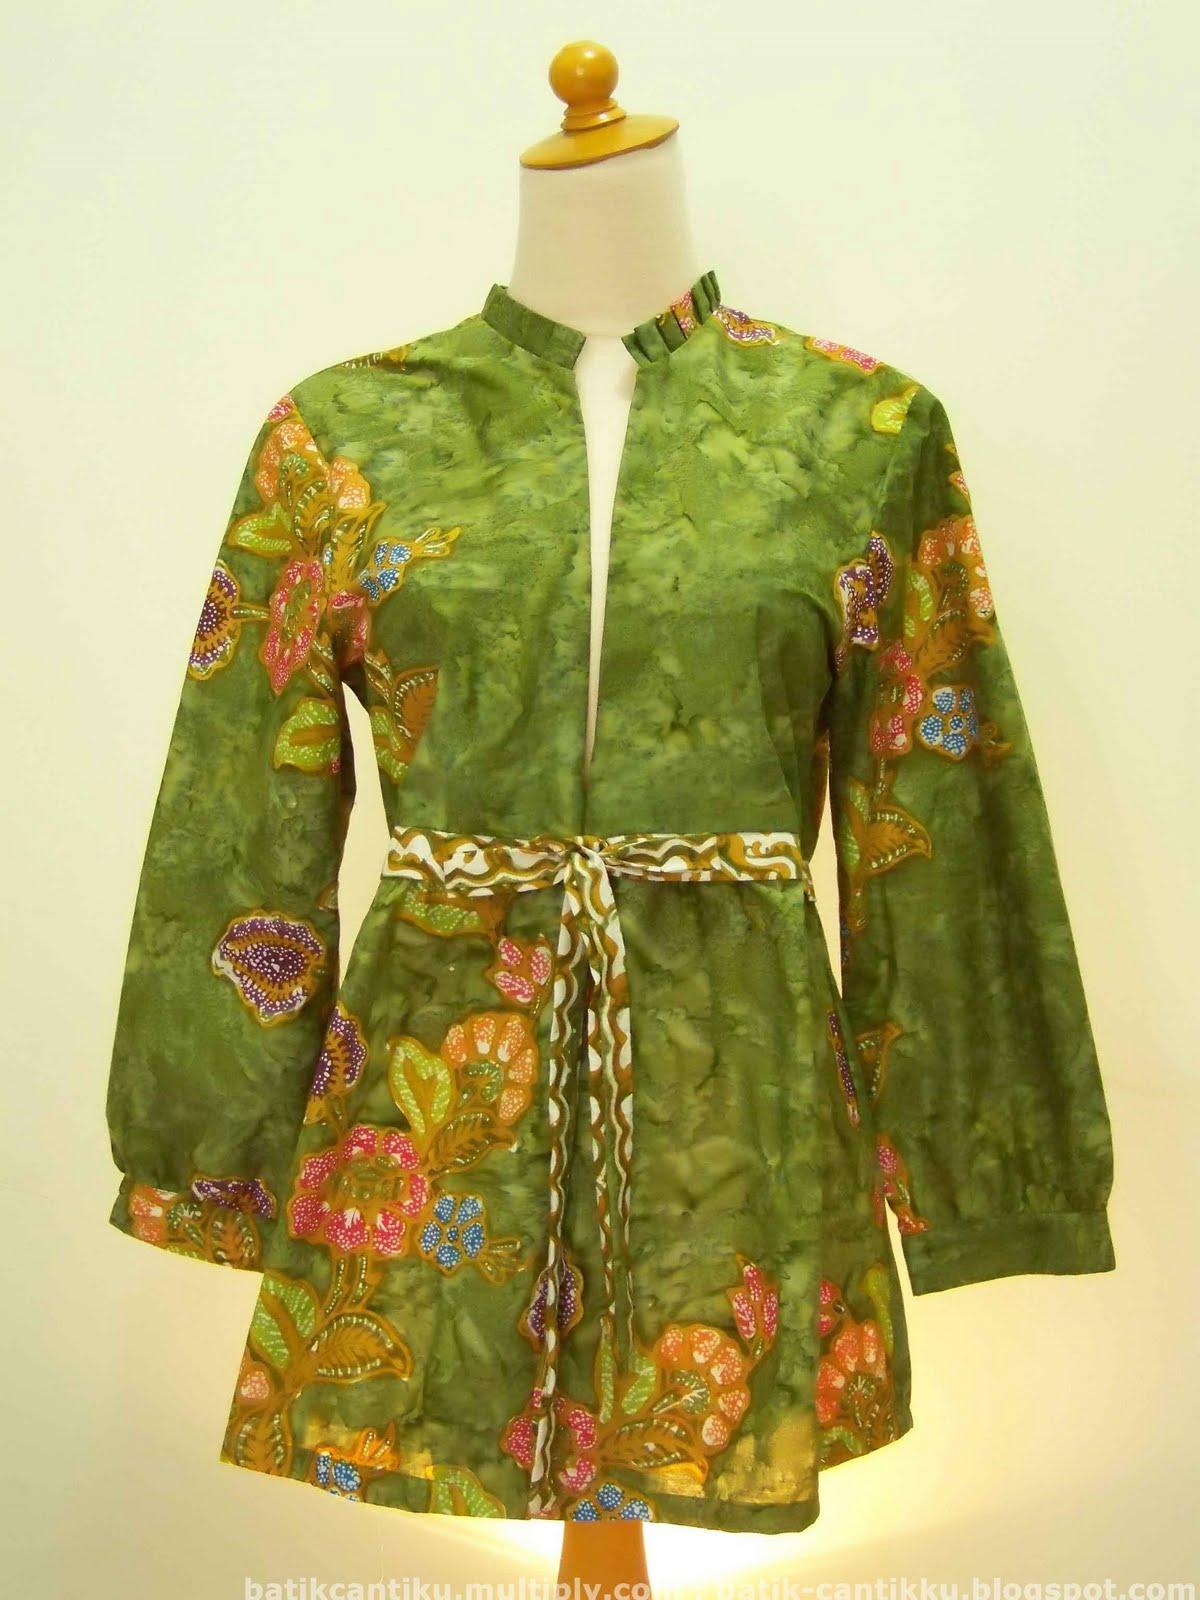 Batik Wanita Yudhakabatik